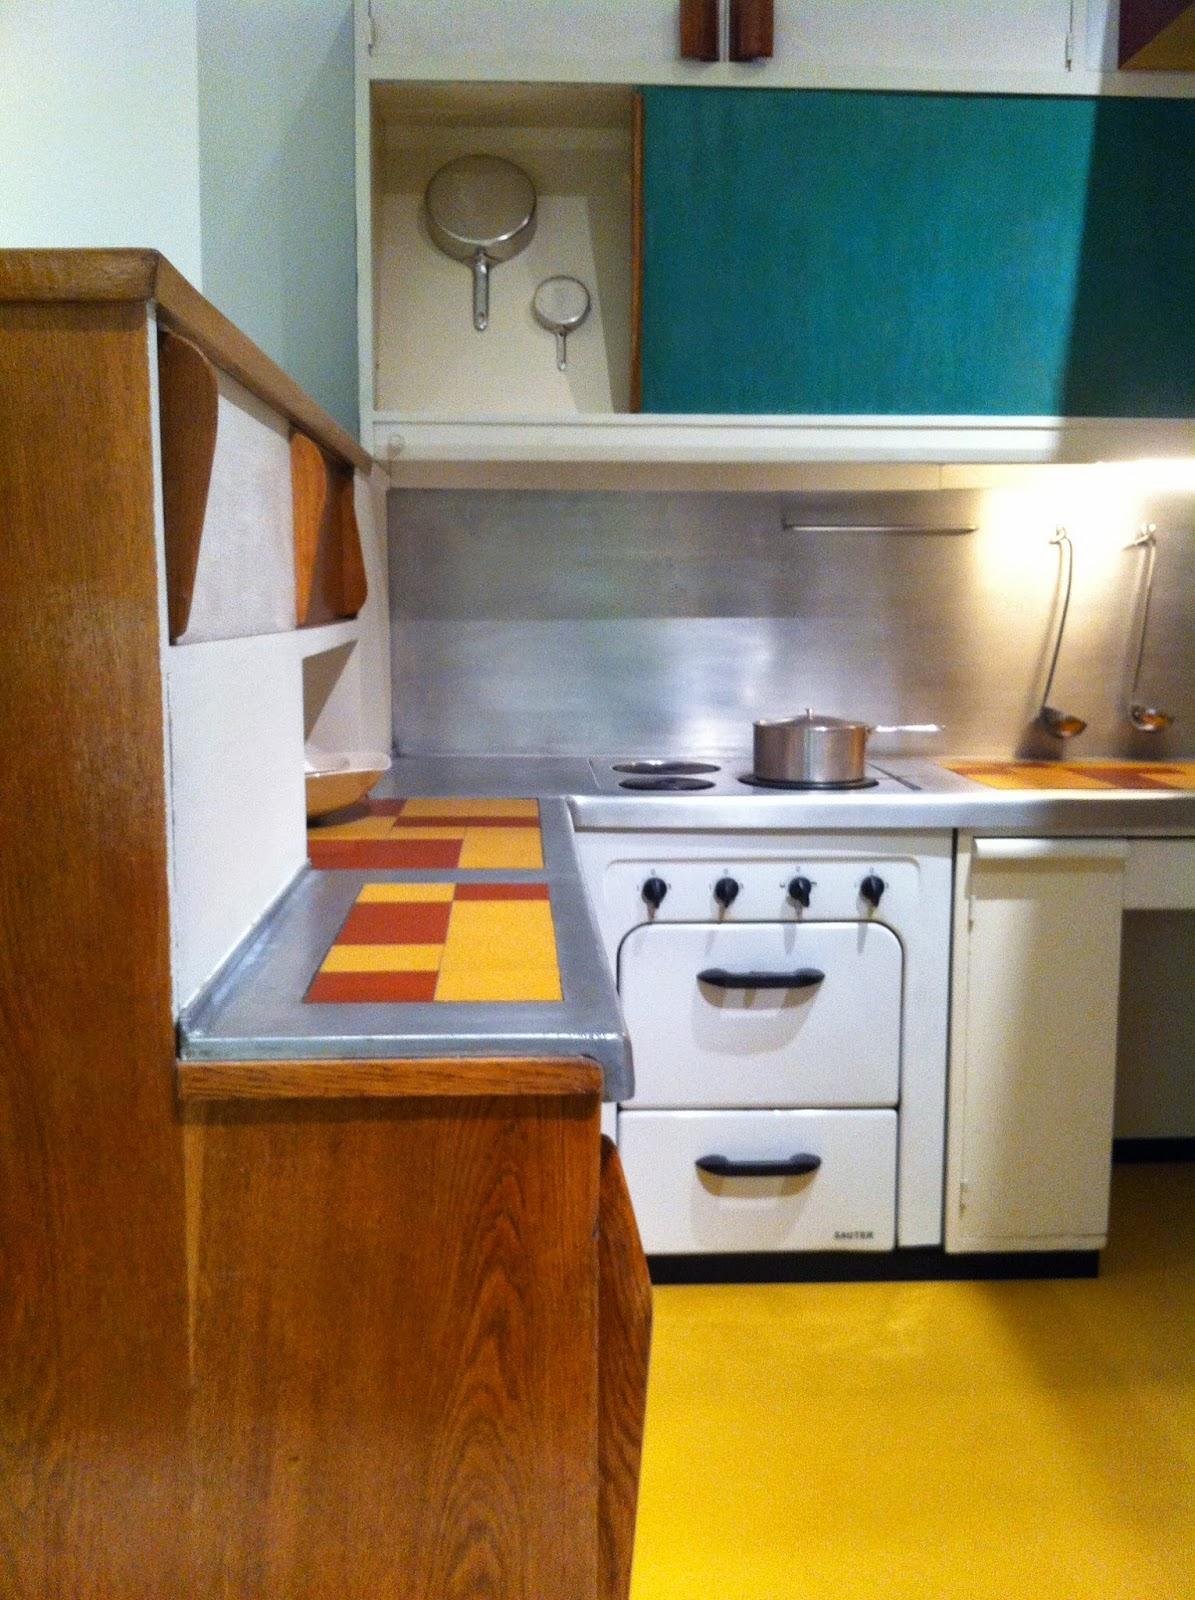 Cucina Moderna Serie Oro.Cucina Moderna Serie Oro Ricette Di Cotto E Postato